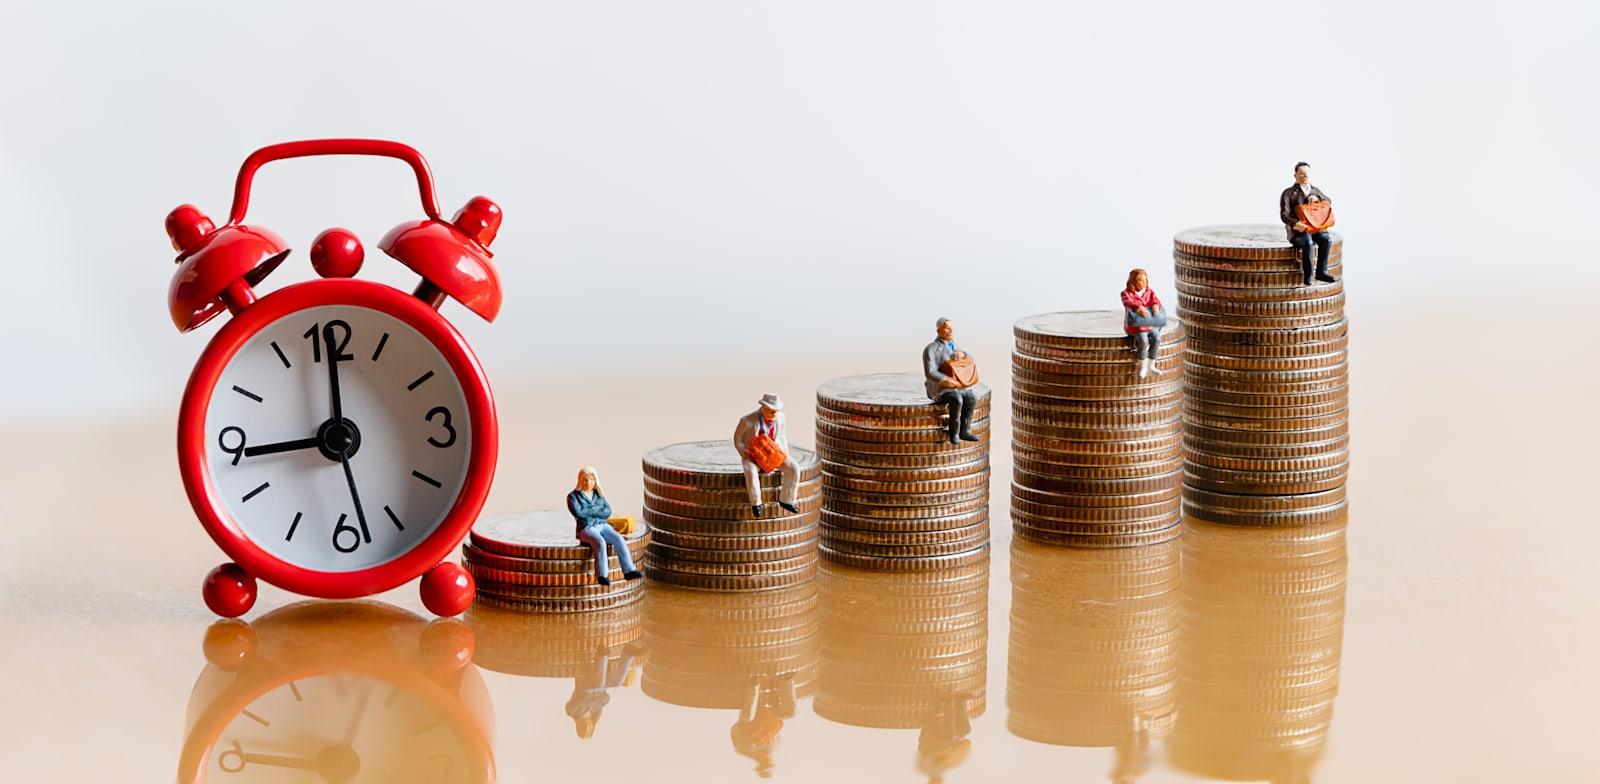 מכיוון שההליך הוא בלתי הפיך, כדאי לתכנן את אופן משיכת הכספים בפרישה בתבונה / צילום: Shutterstock, TimeShops